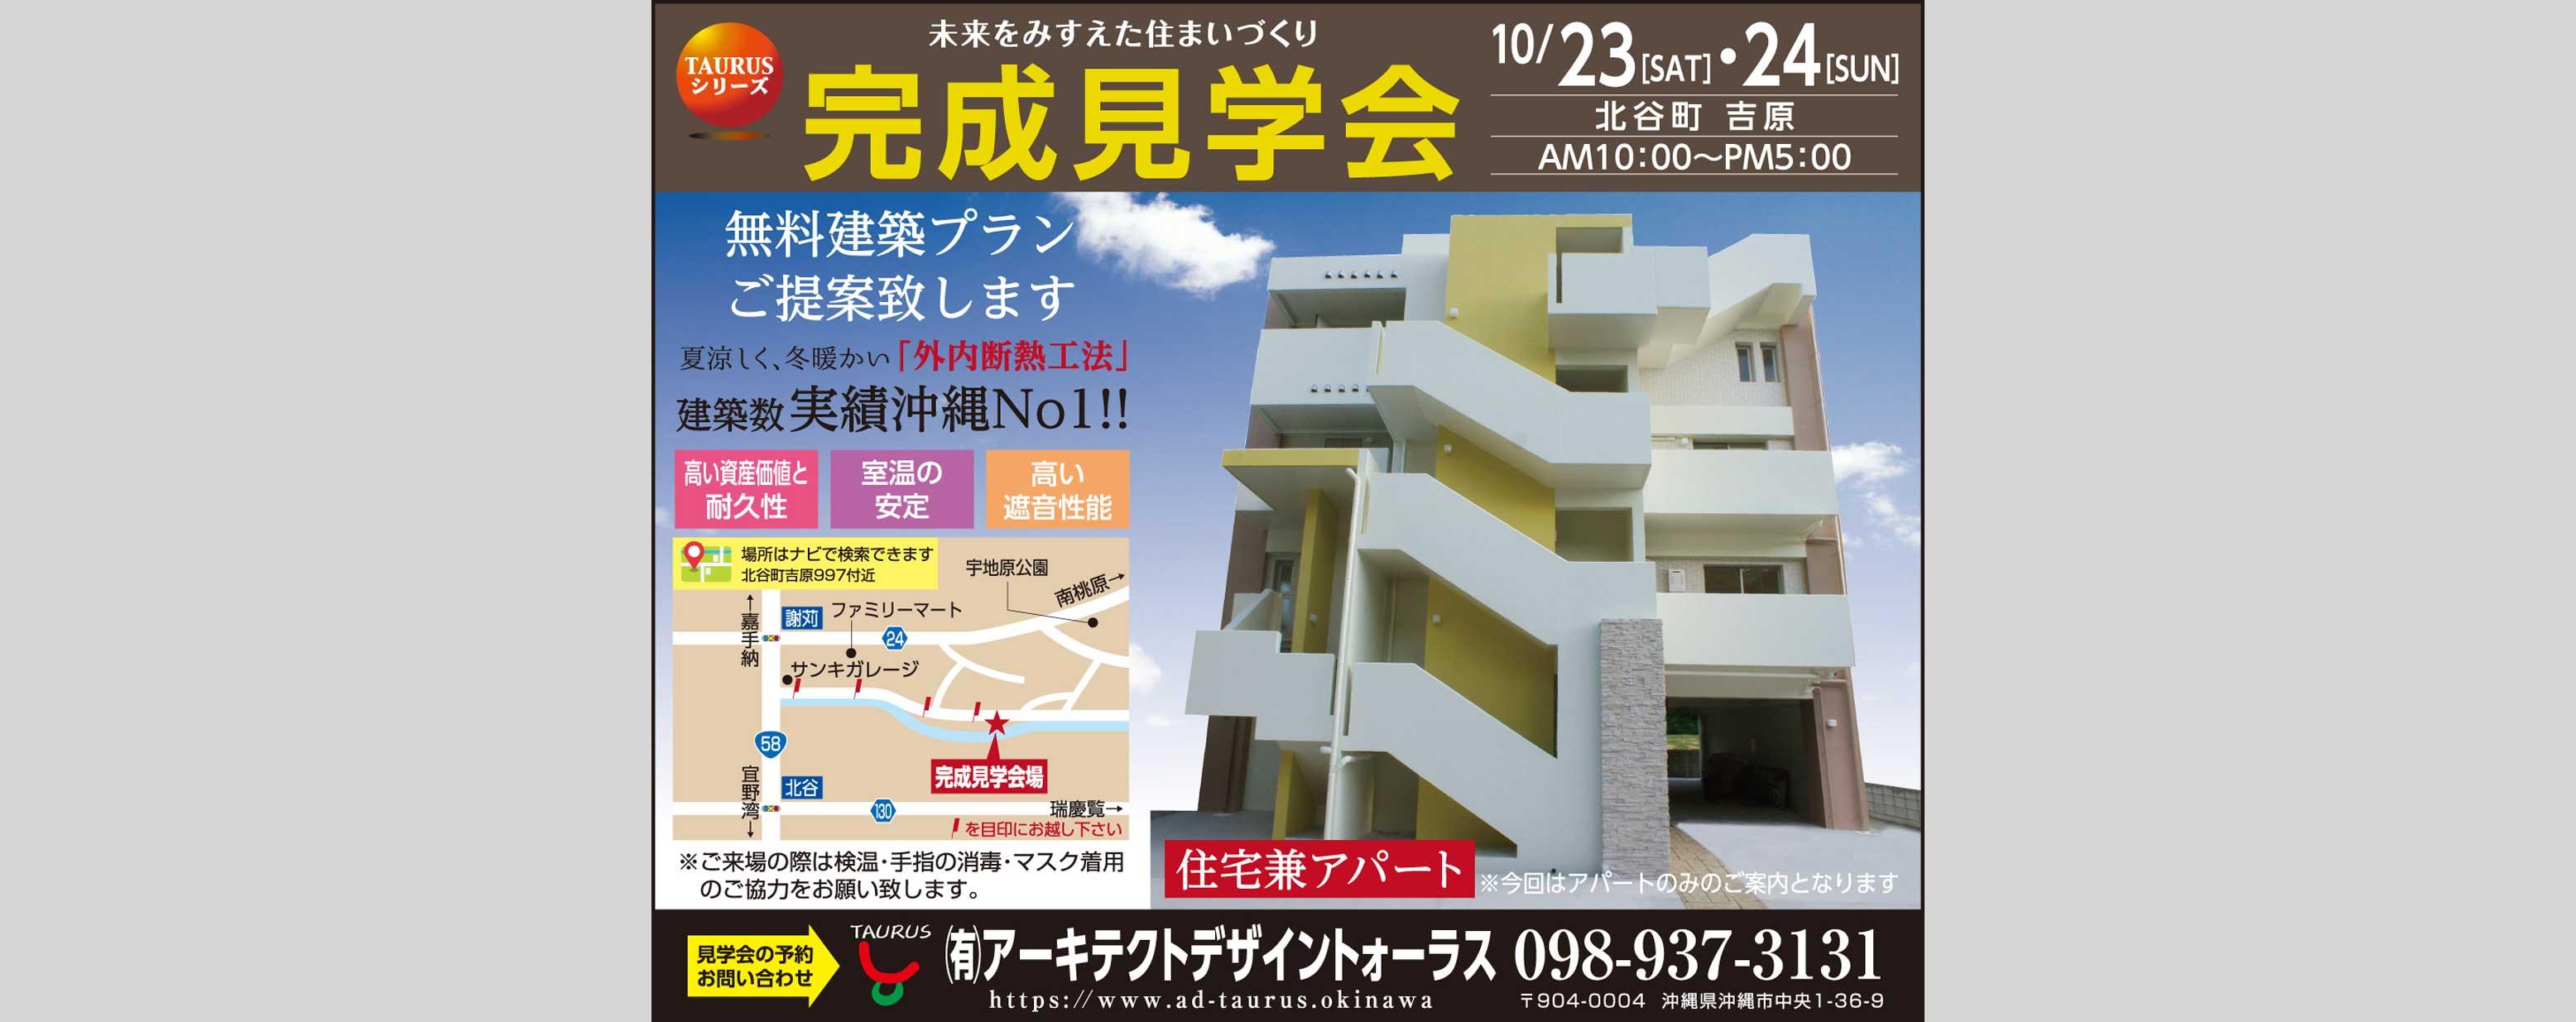 10/23~24にトォーラスが北谷町吉原で住宅兼アパートの完成見学会